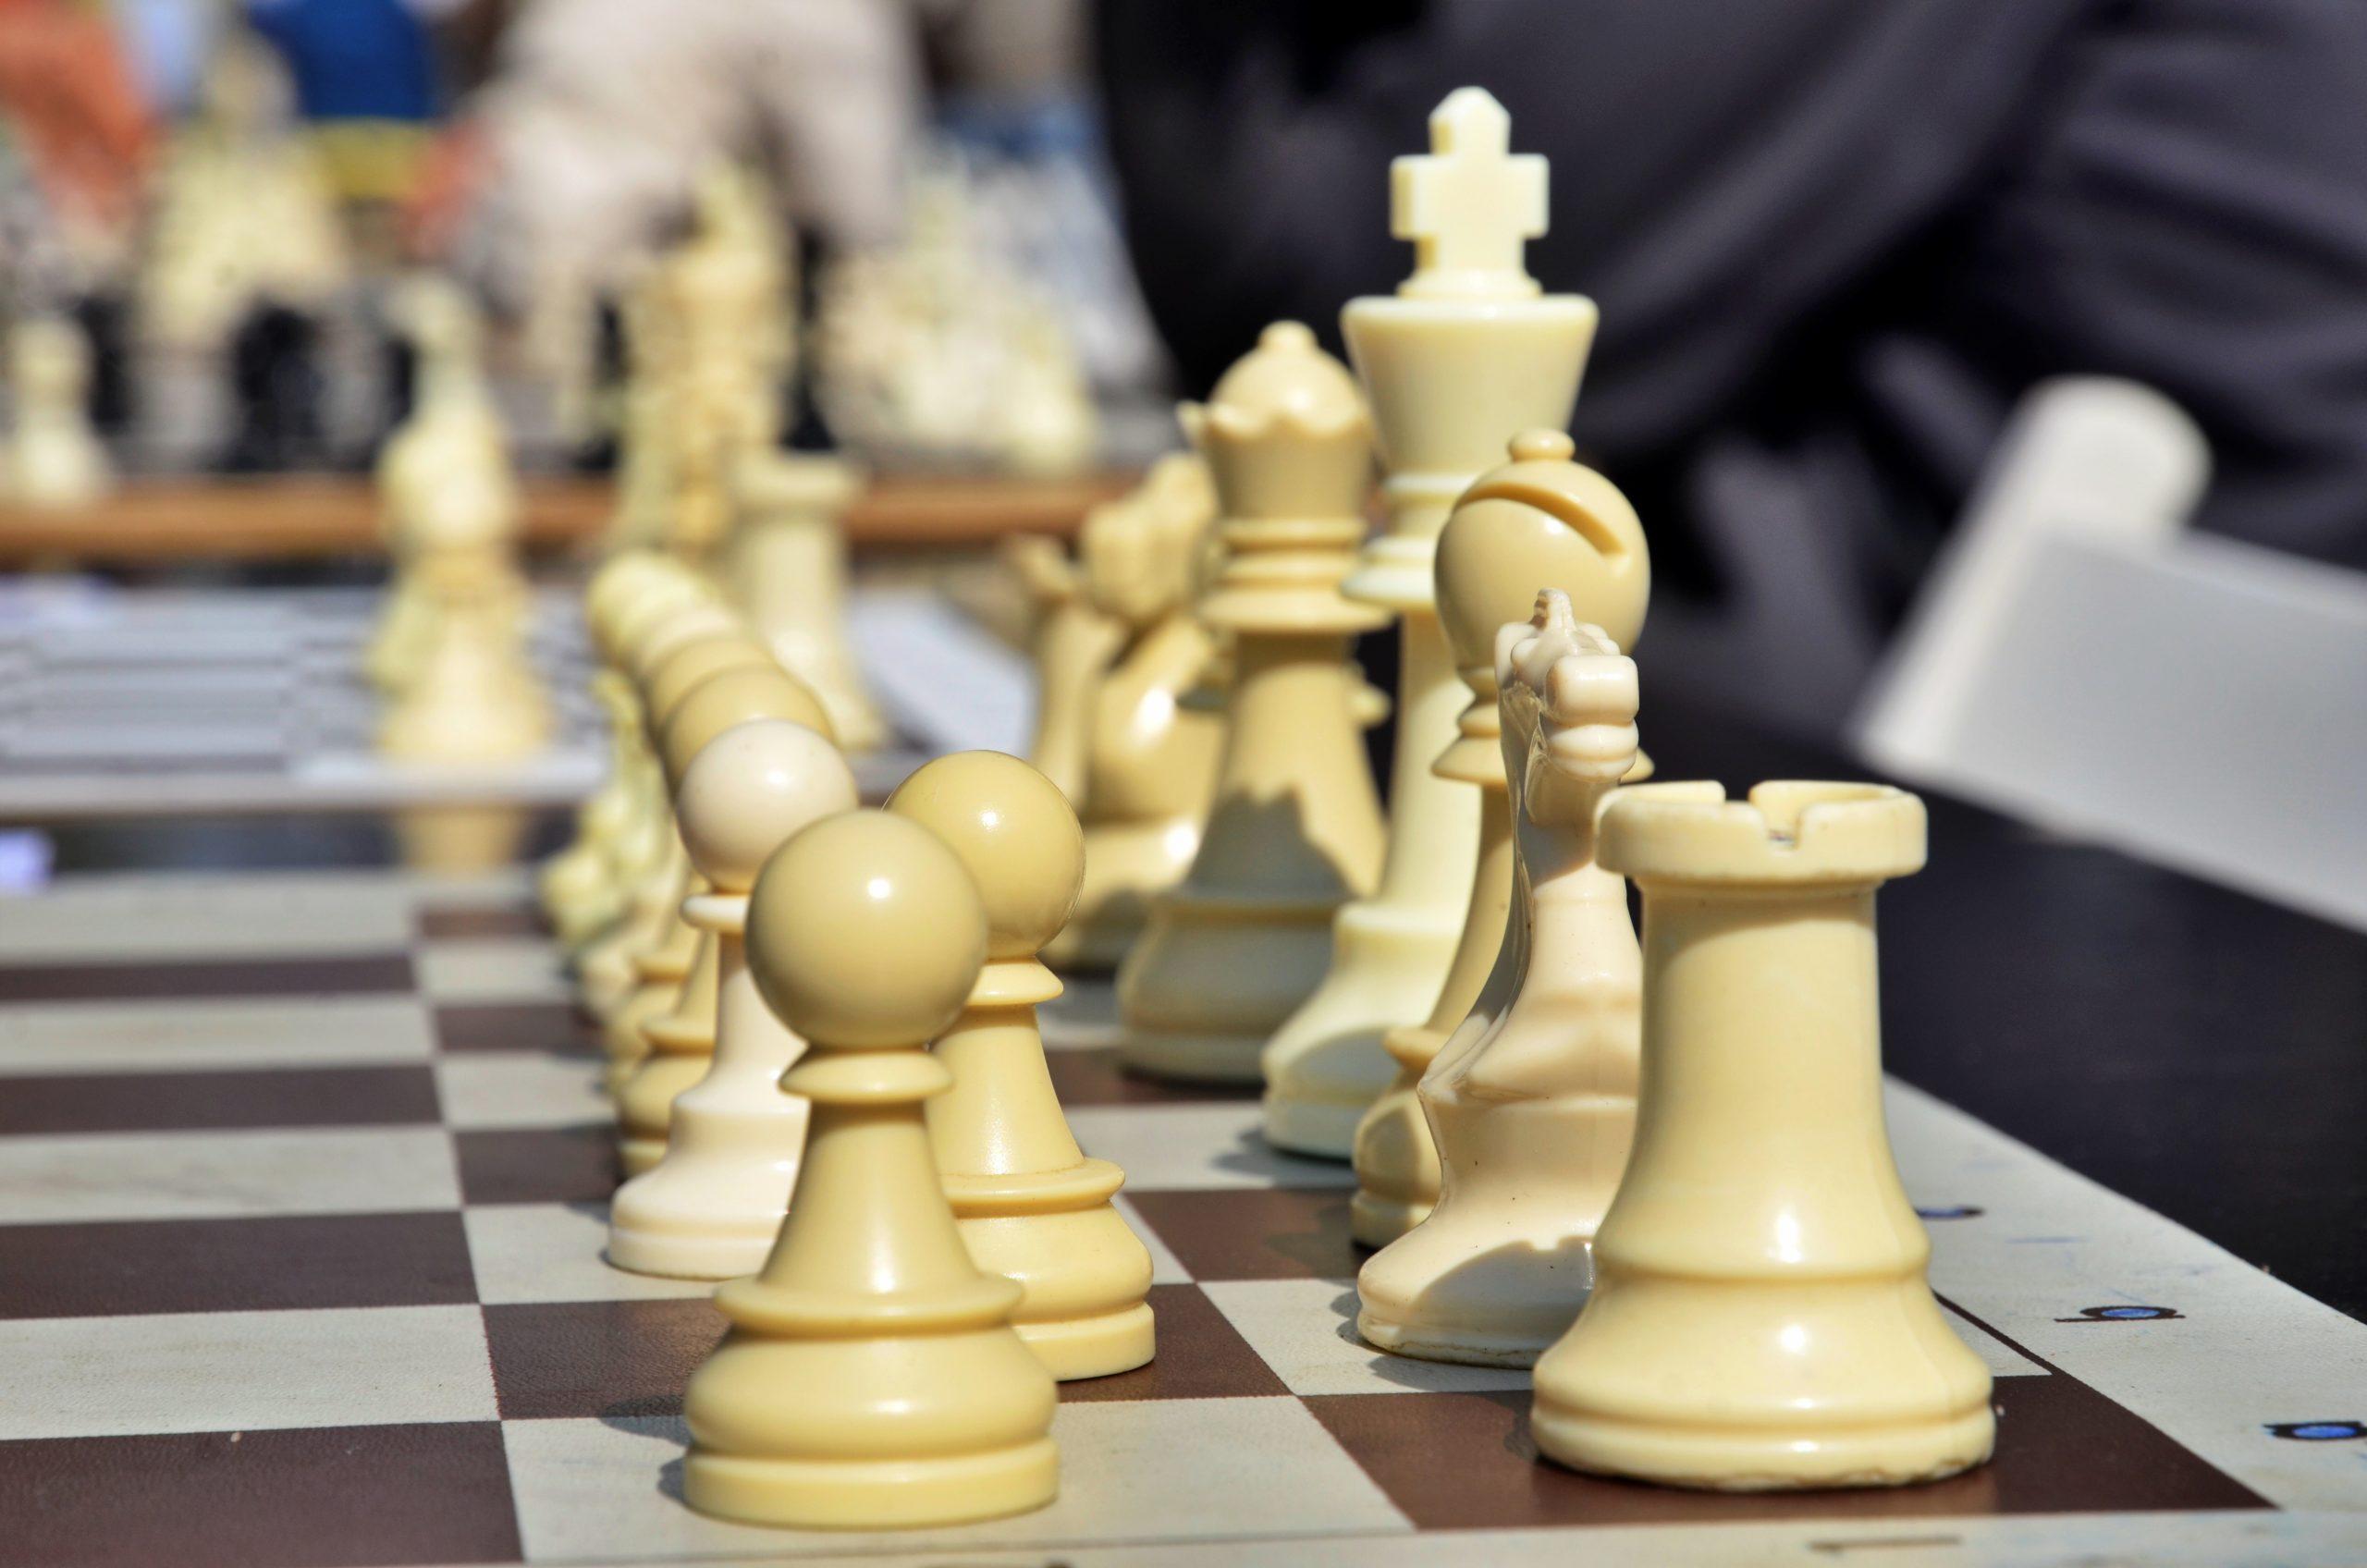 Шахматное королевство: в библиотеке №167 расскажут о логической игре